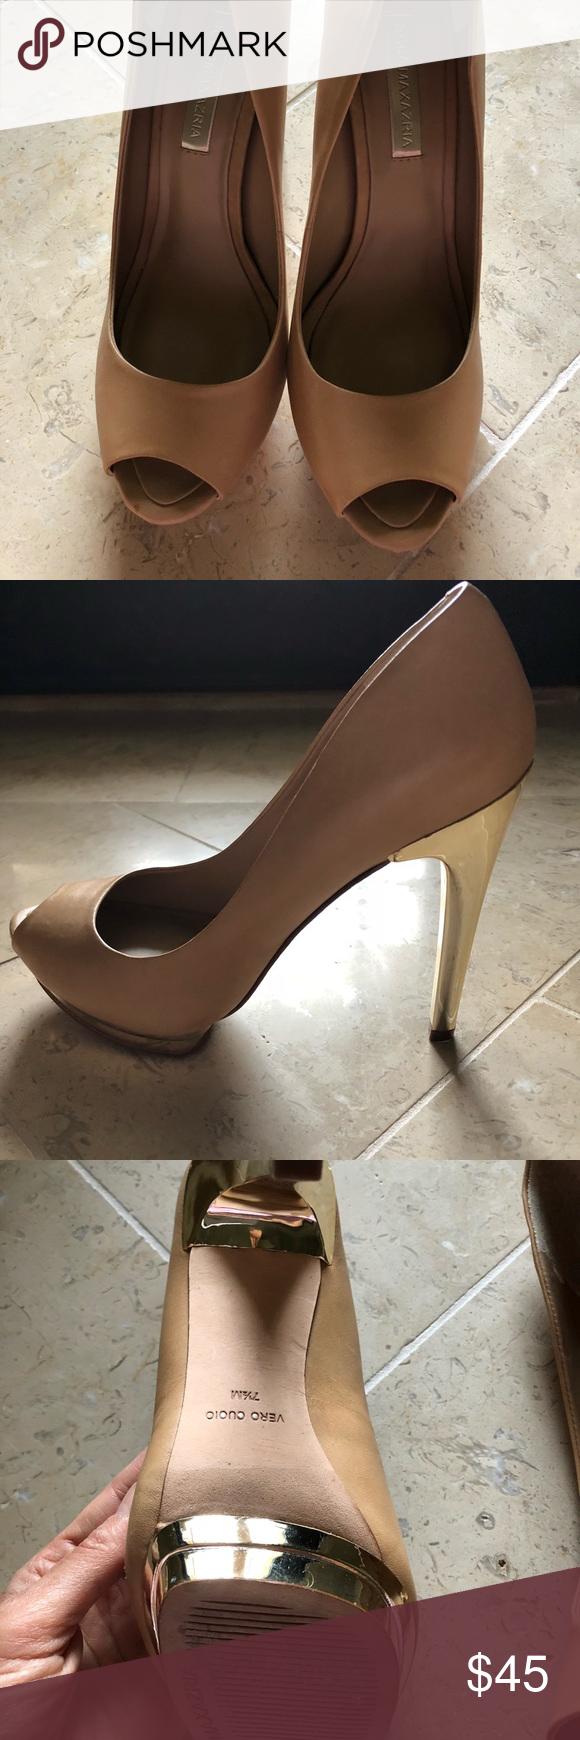 9aa264dd80e4aa Bcbg max azria peep toe high heels pumps high heel pumps max png 580x1740  Bcbg natural